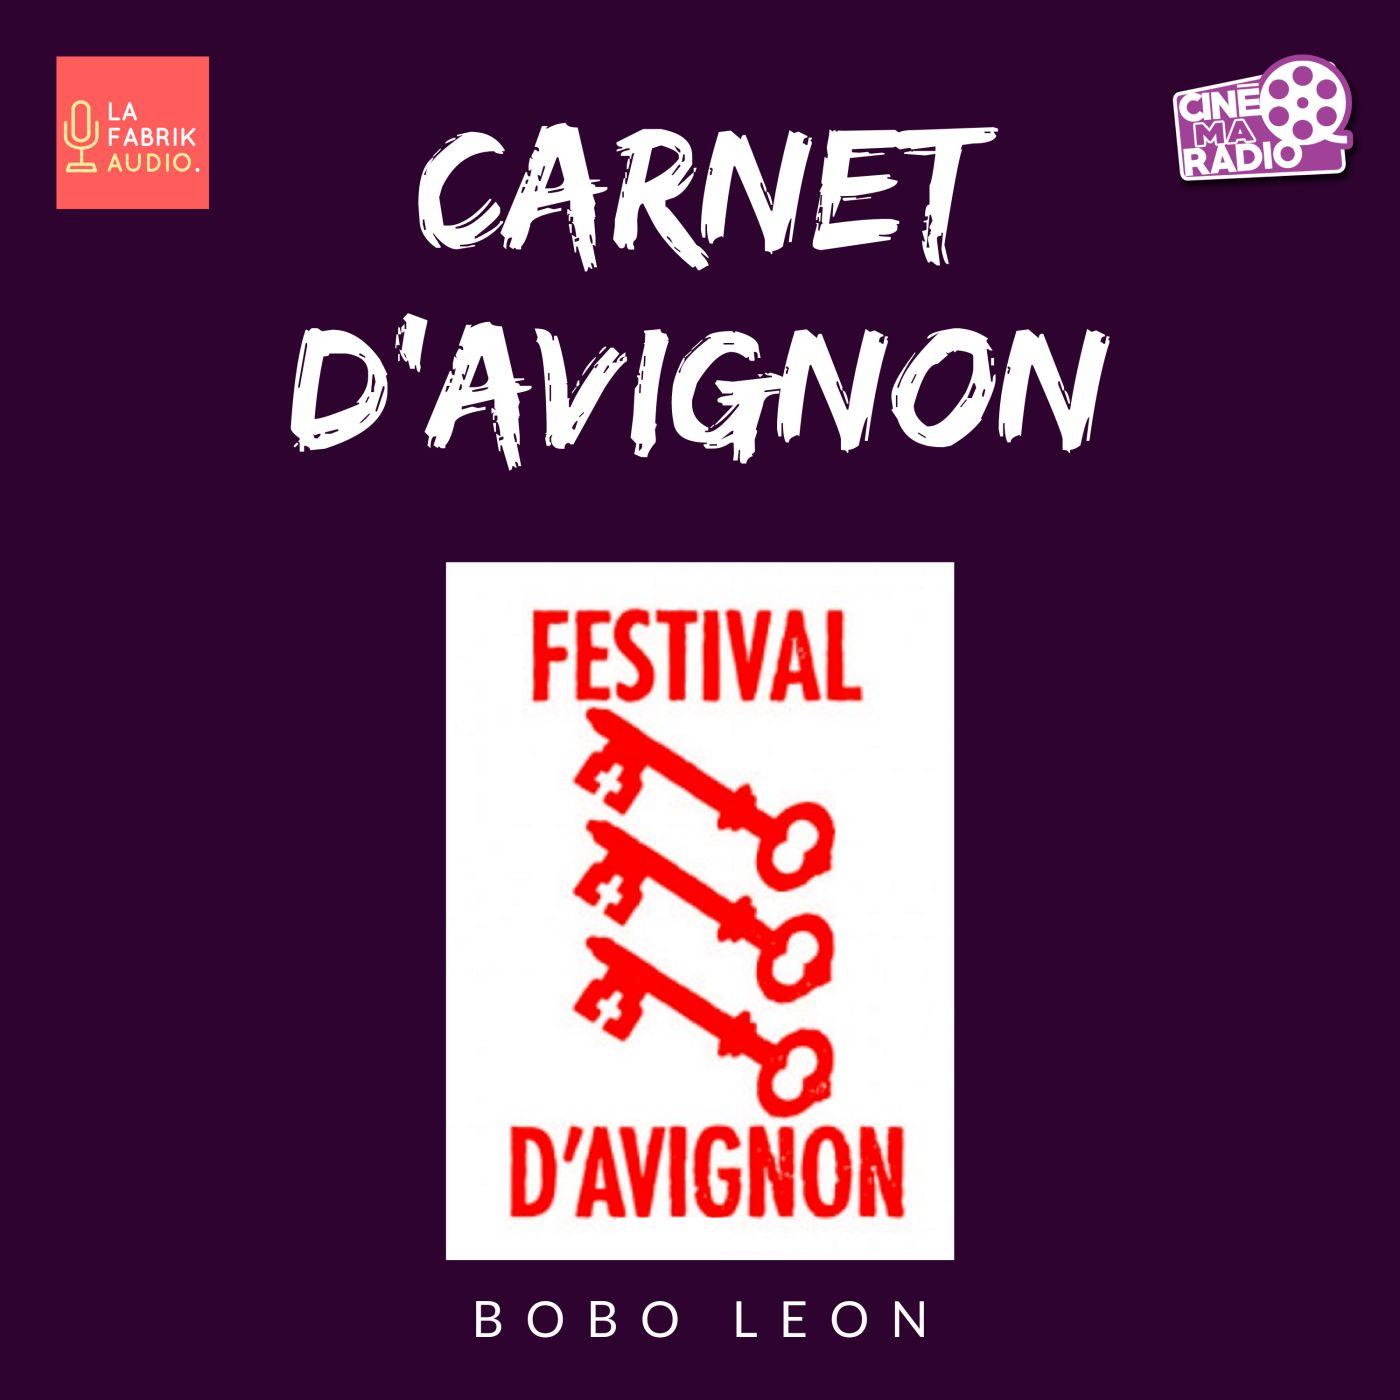 CARNET D'AVIGNON #13 | Bilan du Festival d'Avignon 2019